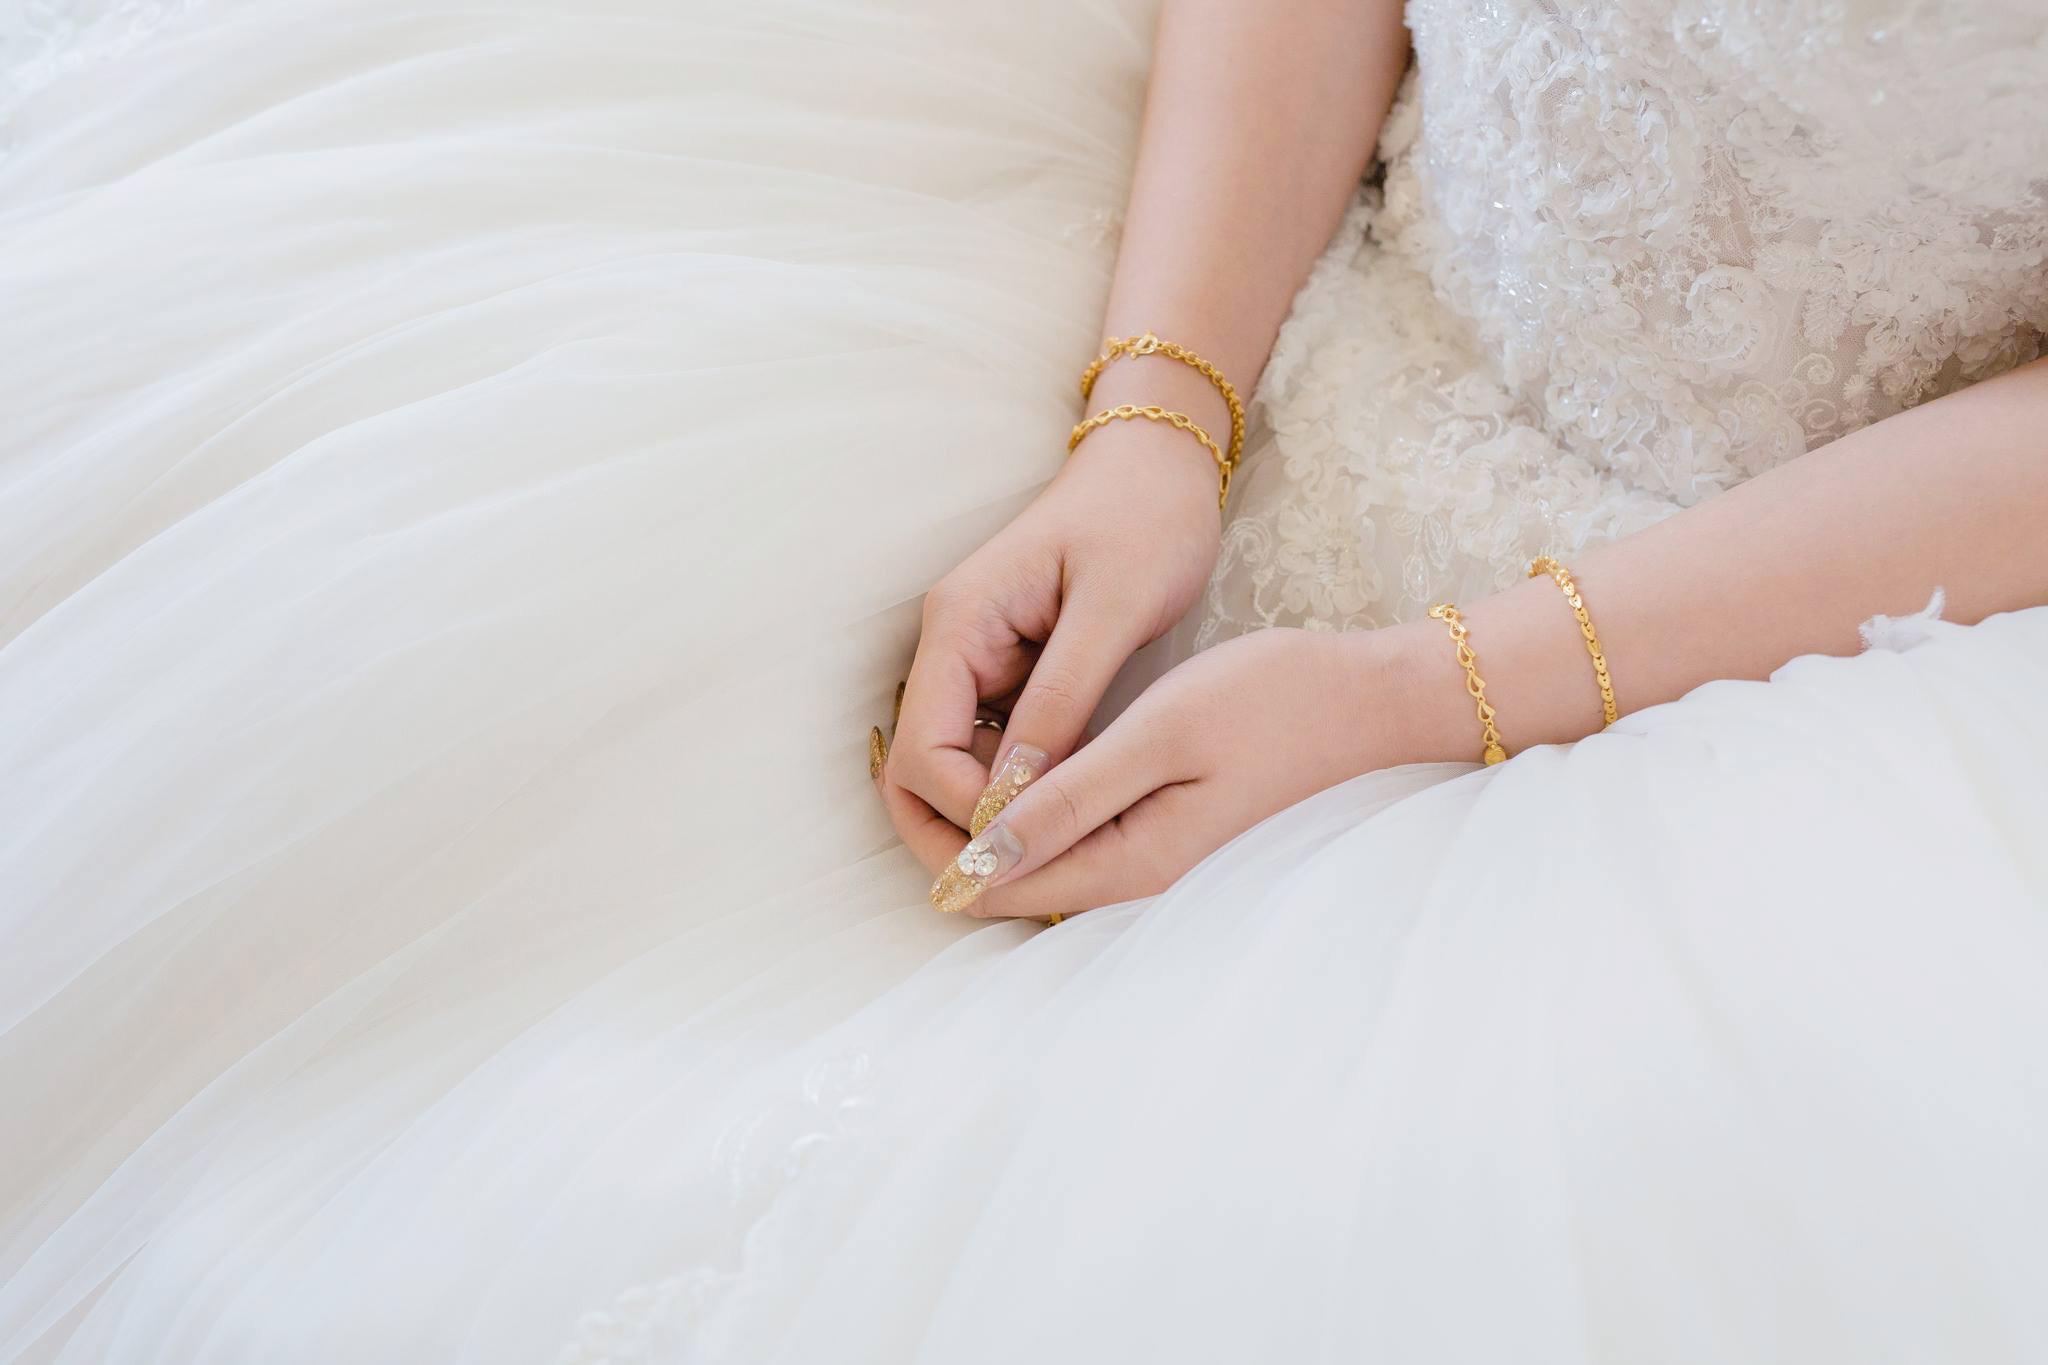 婚禮攝影,婚攝,婚禮紀錄